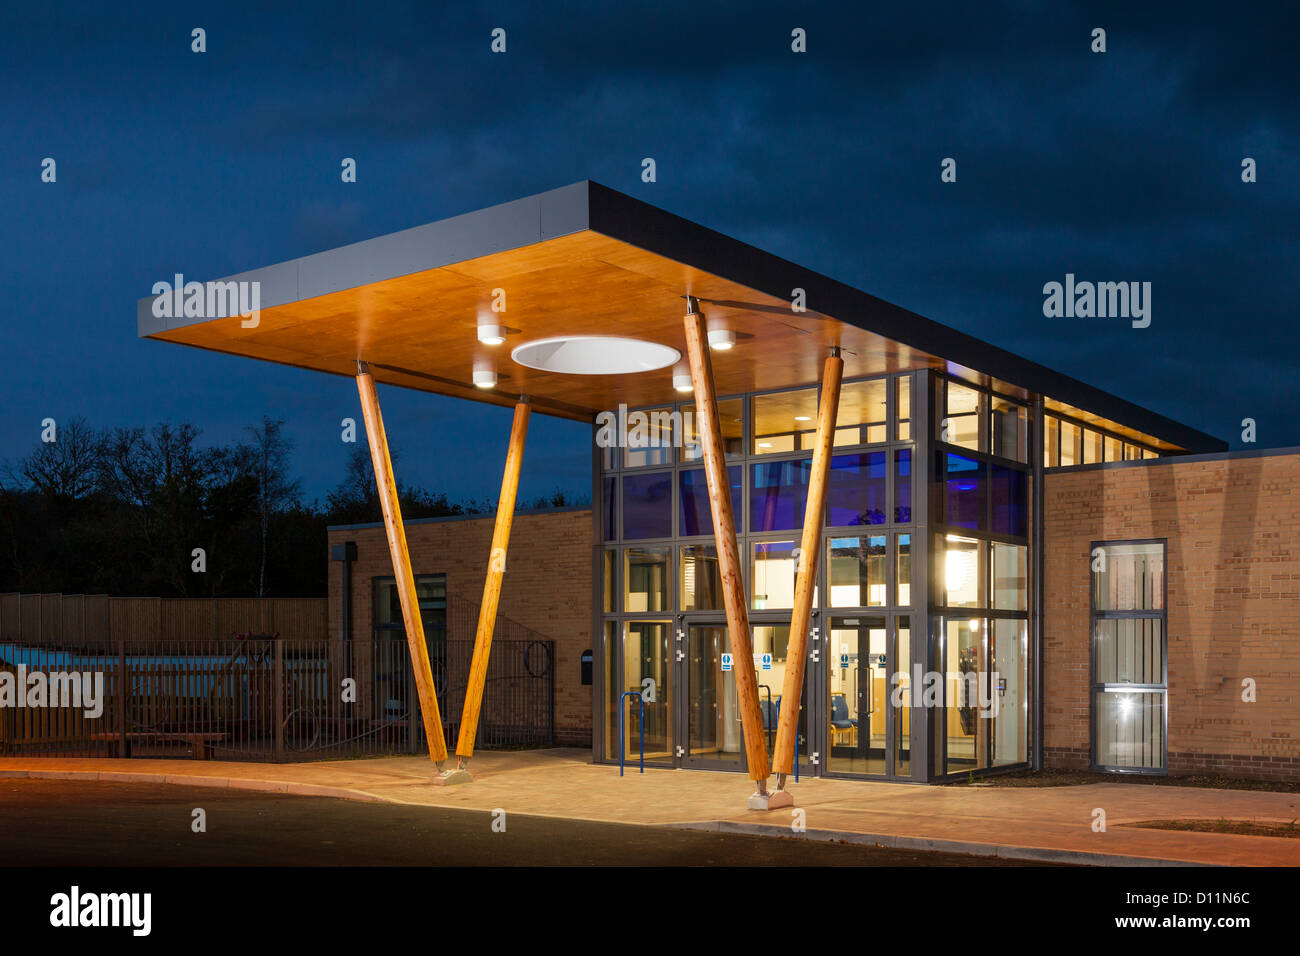 La moderna arquitectura canopy formando a la entrada principal de la escuela, Beaminister Mountjoy al atardecer Imagen De Stock